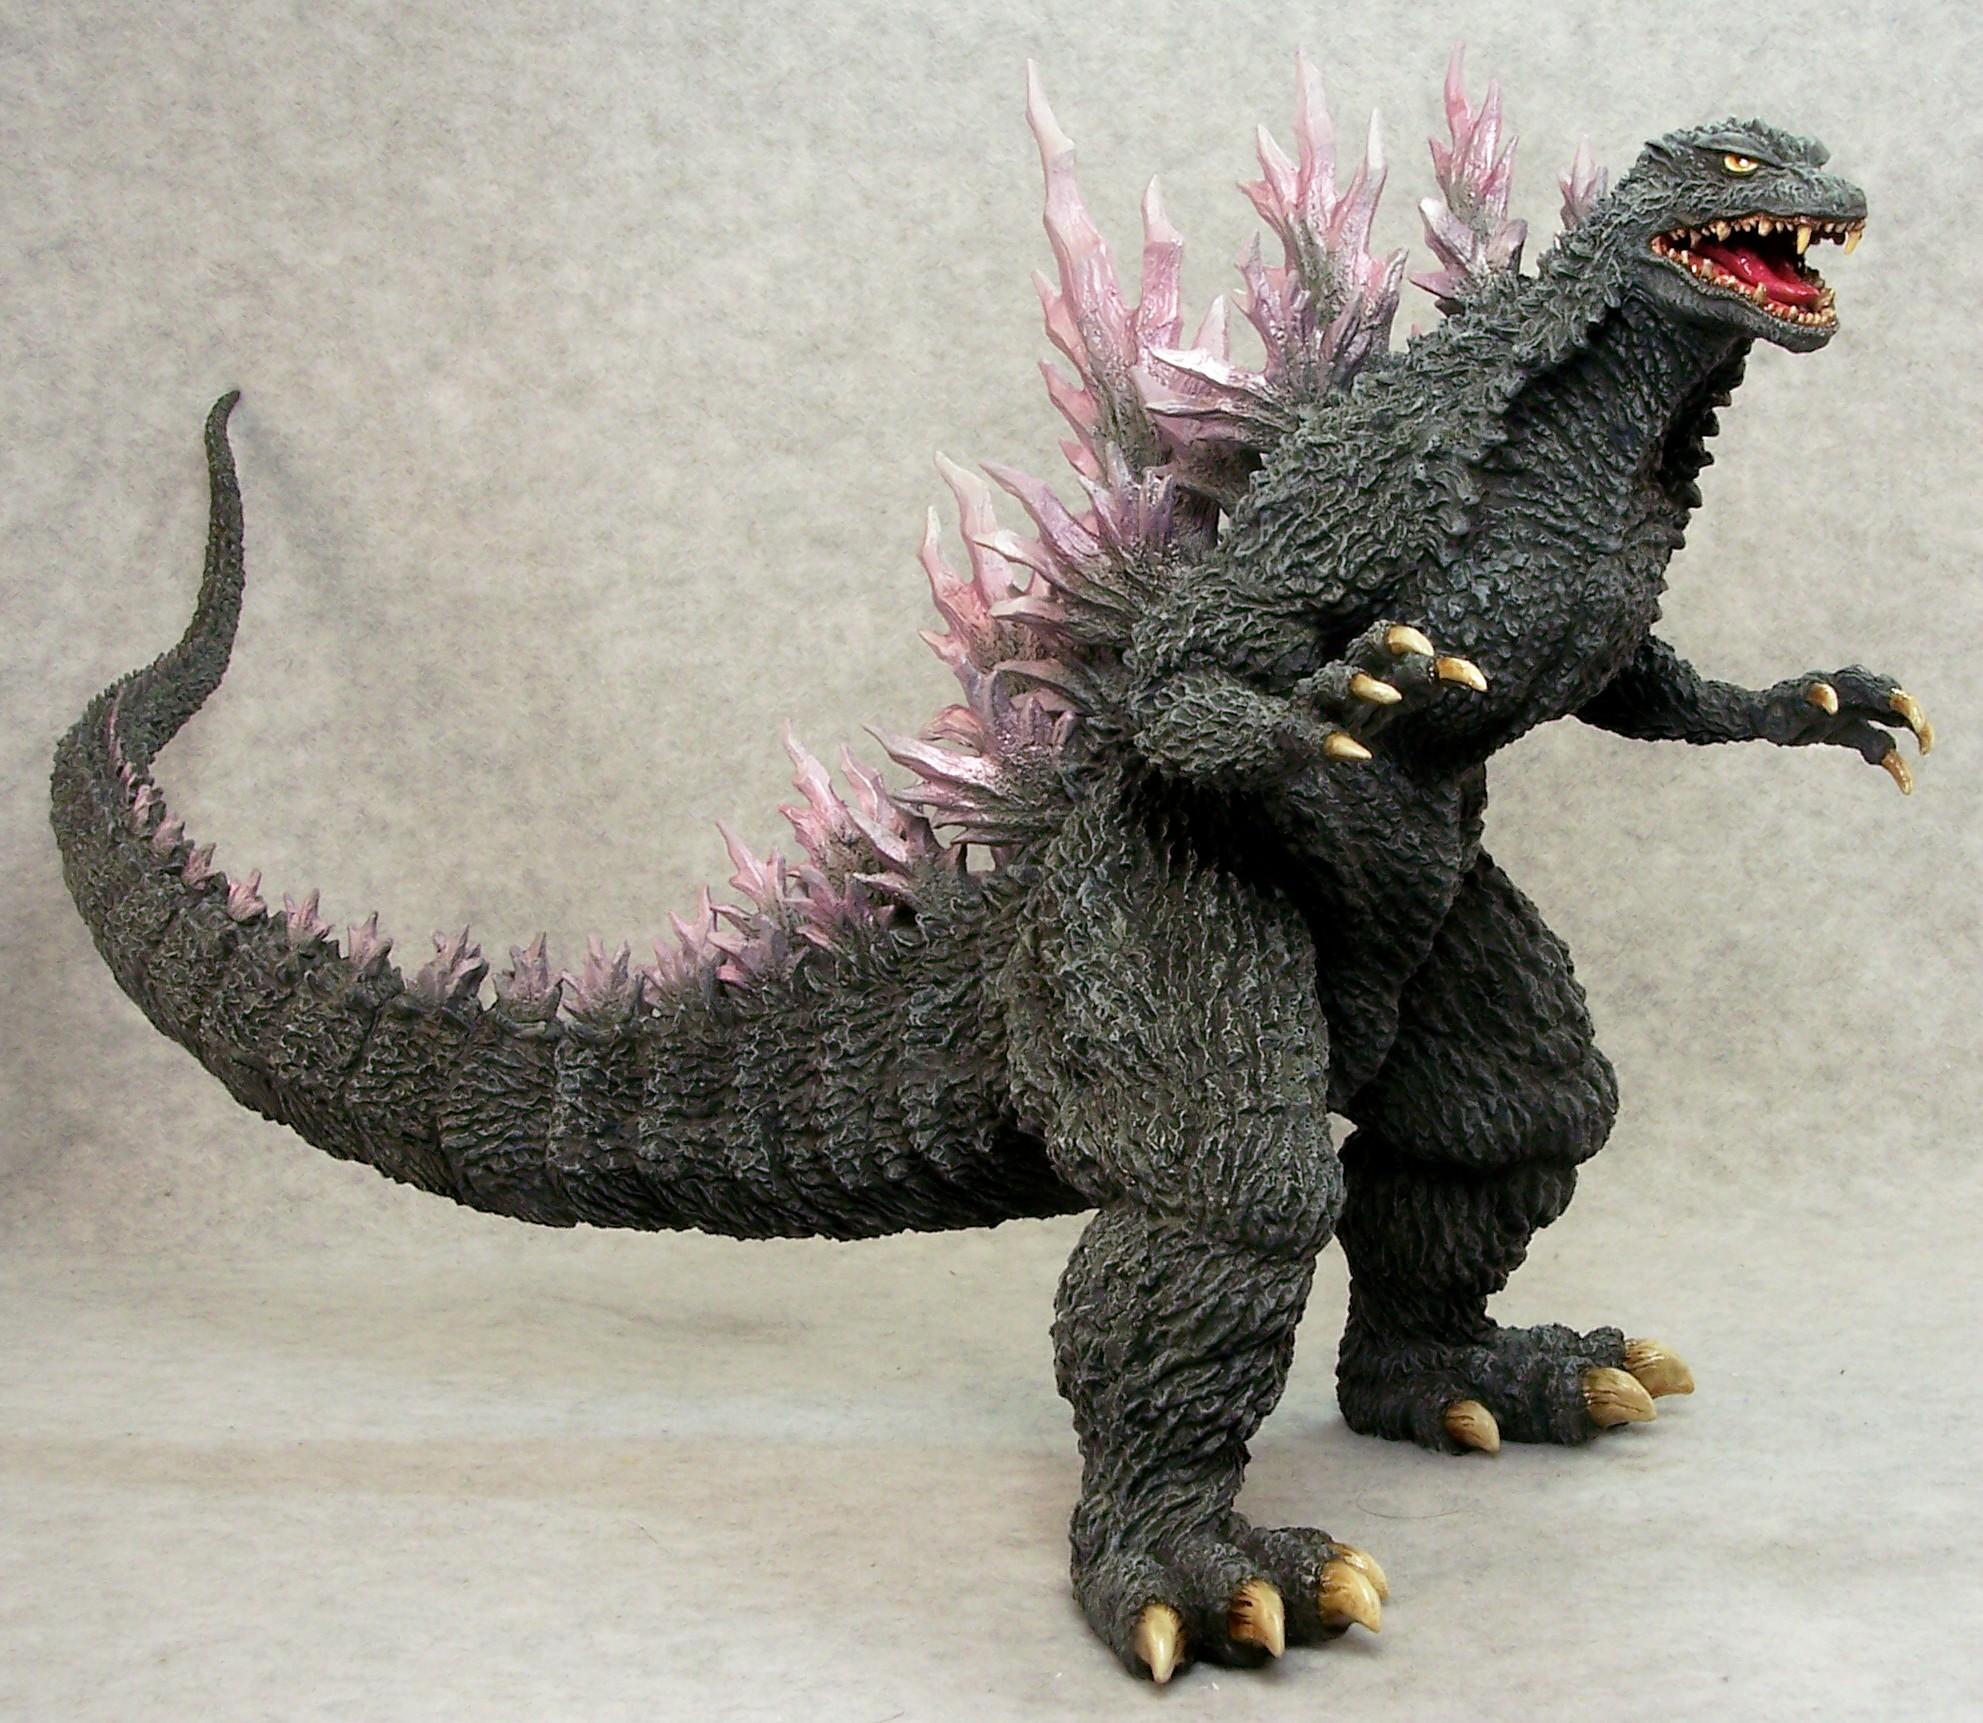 Joe Dunaway Model Kit Buildups 187 Godzilla 2000 187 Godz1 Jpg